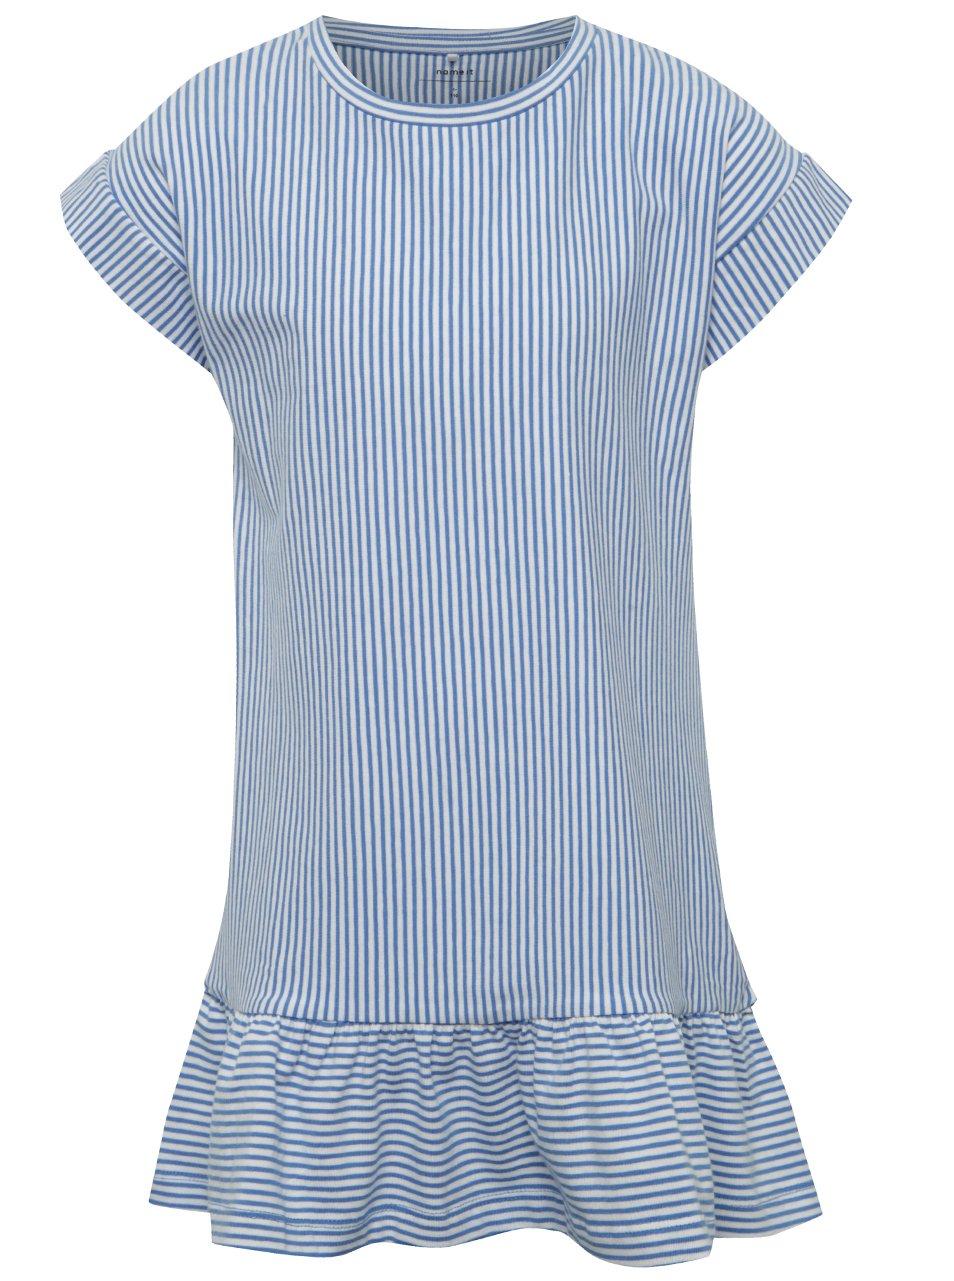 Modro-bílé holčičí šaty name it Kippi